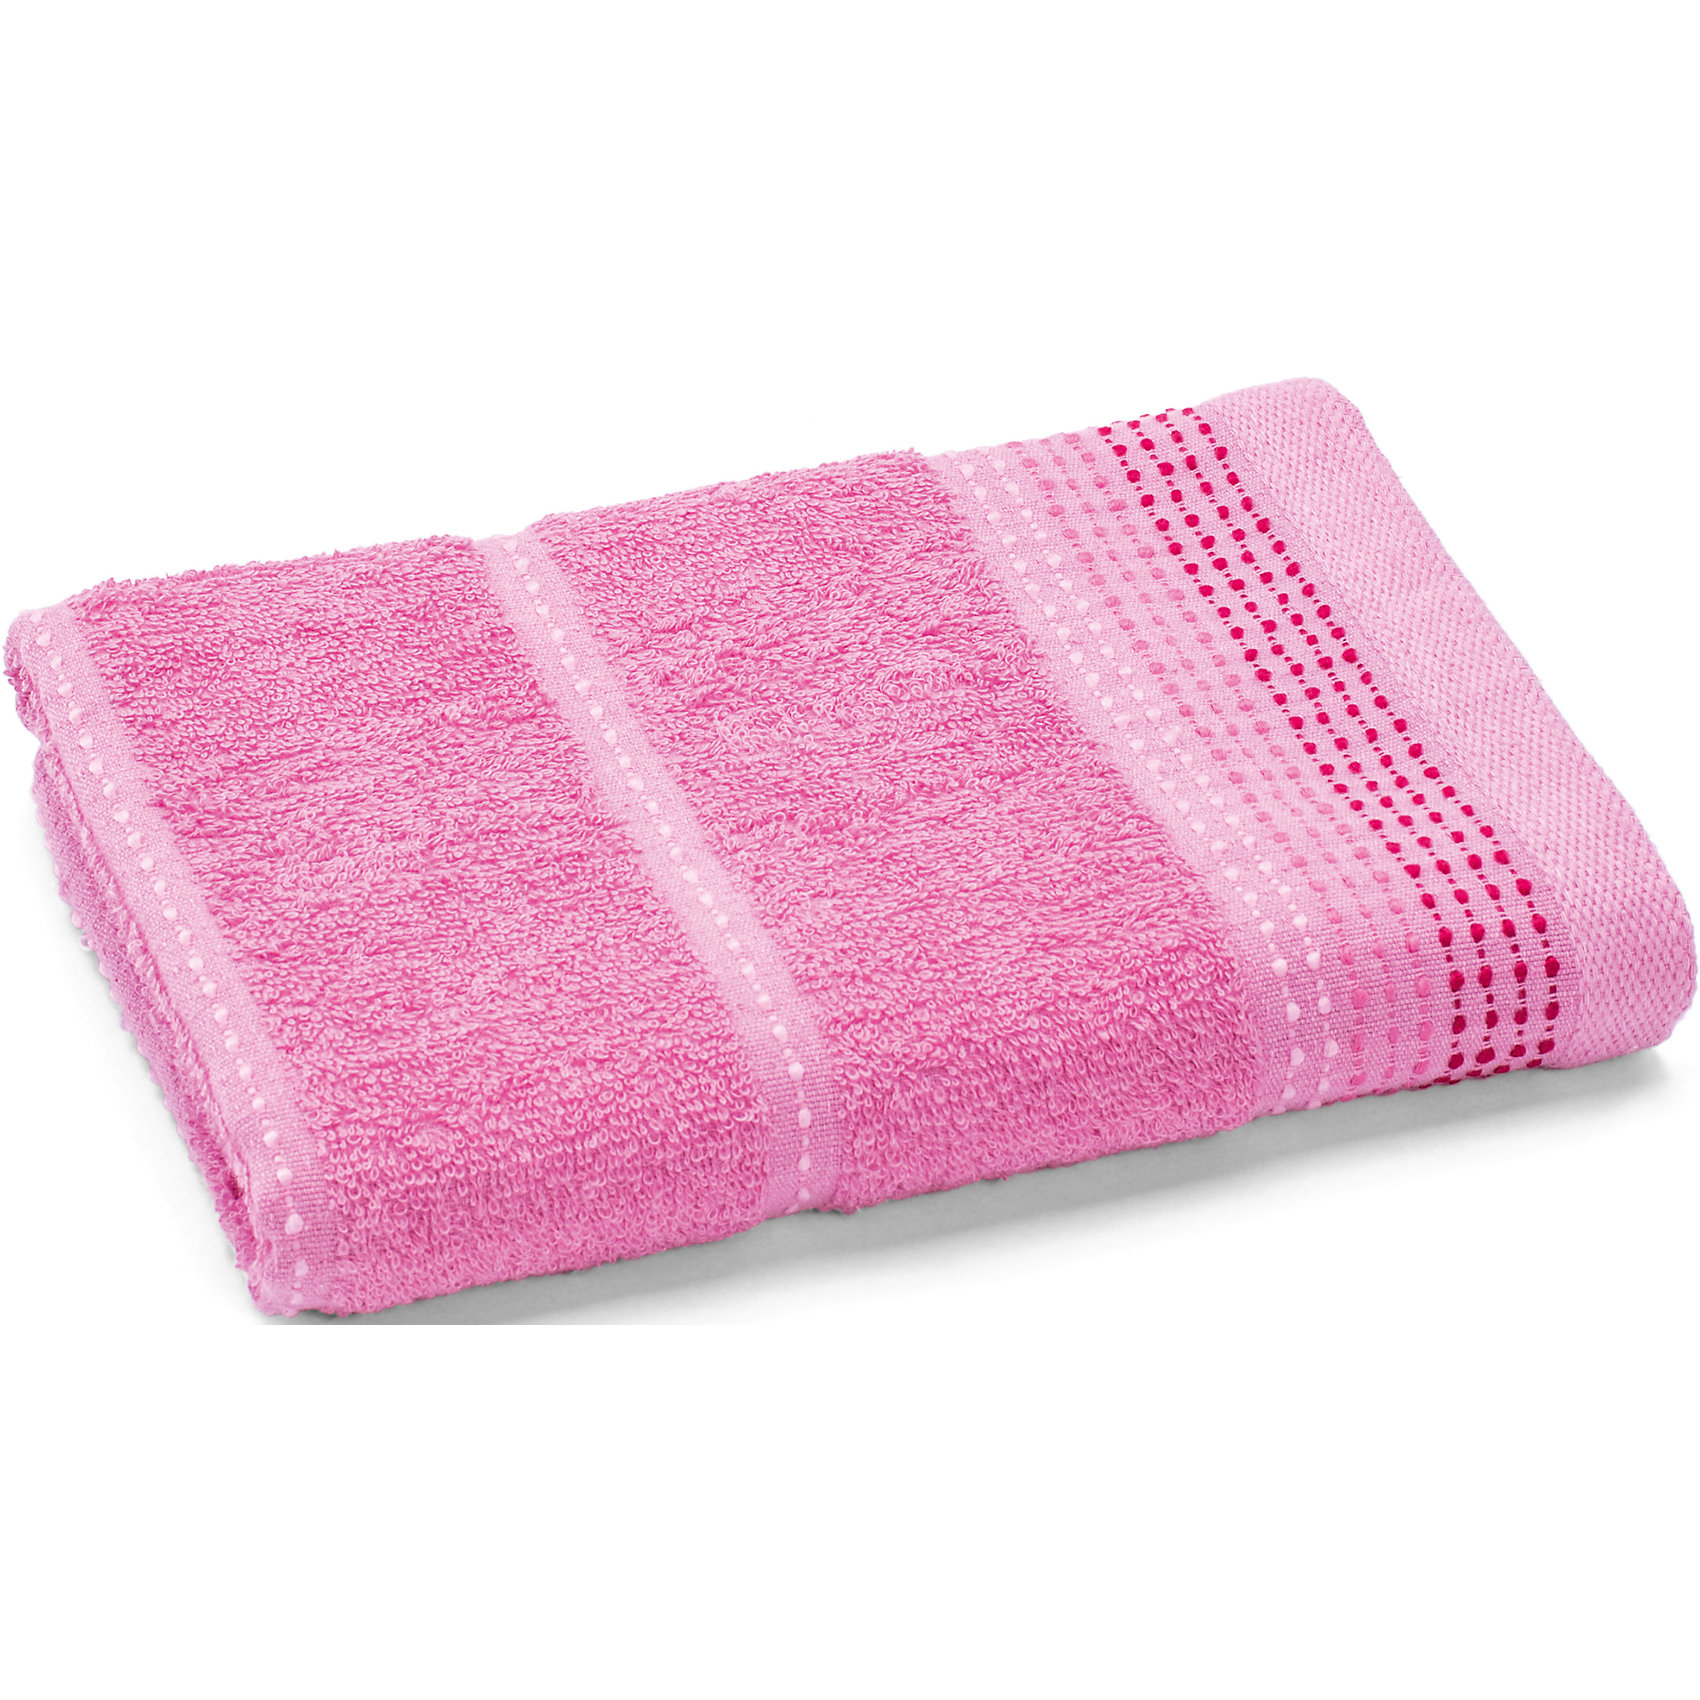 Любимый дом Полотенце махровое Клео 60*130, Любимый дом, розовый